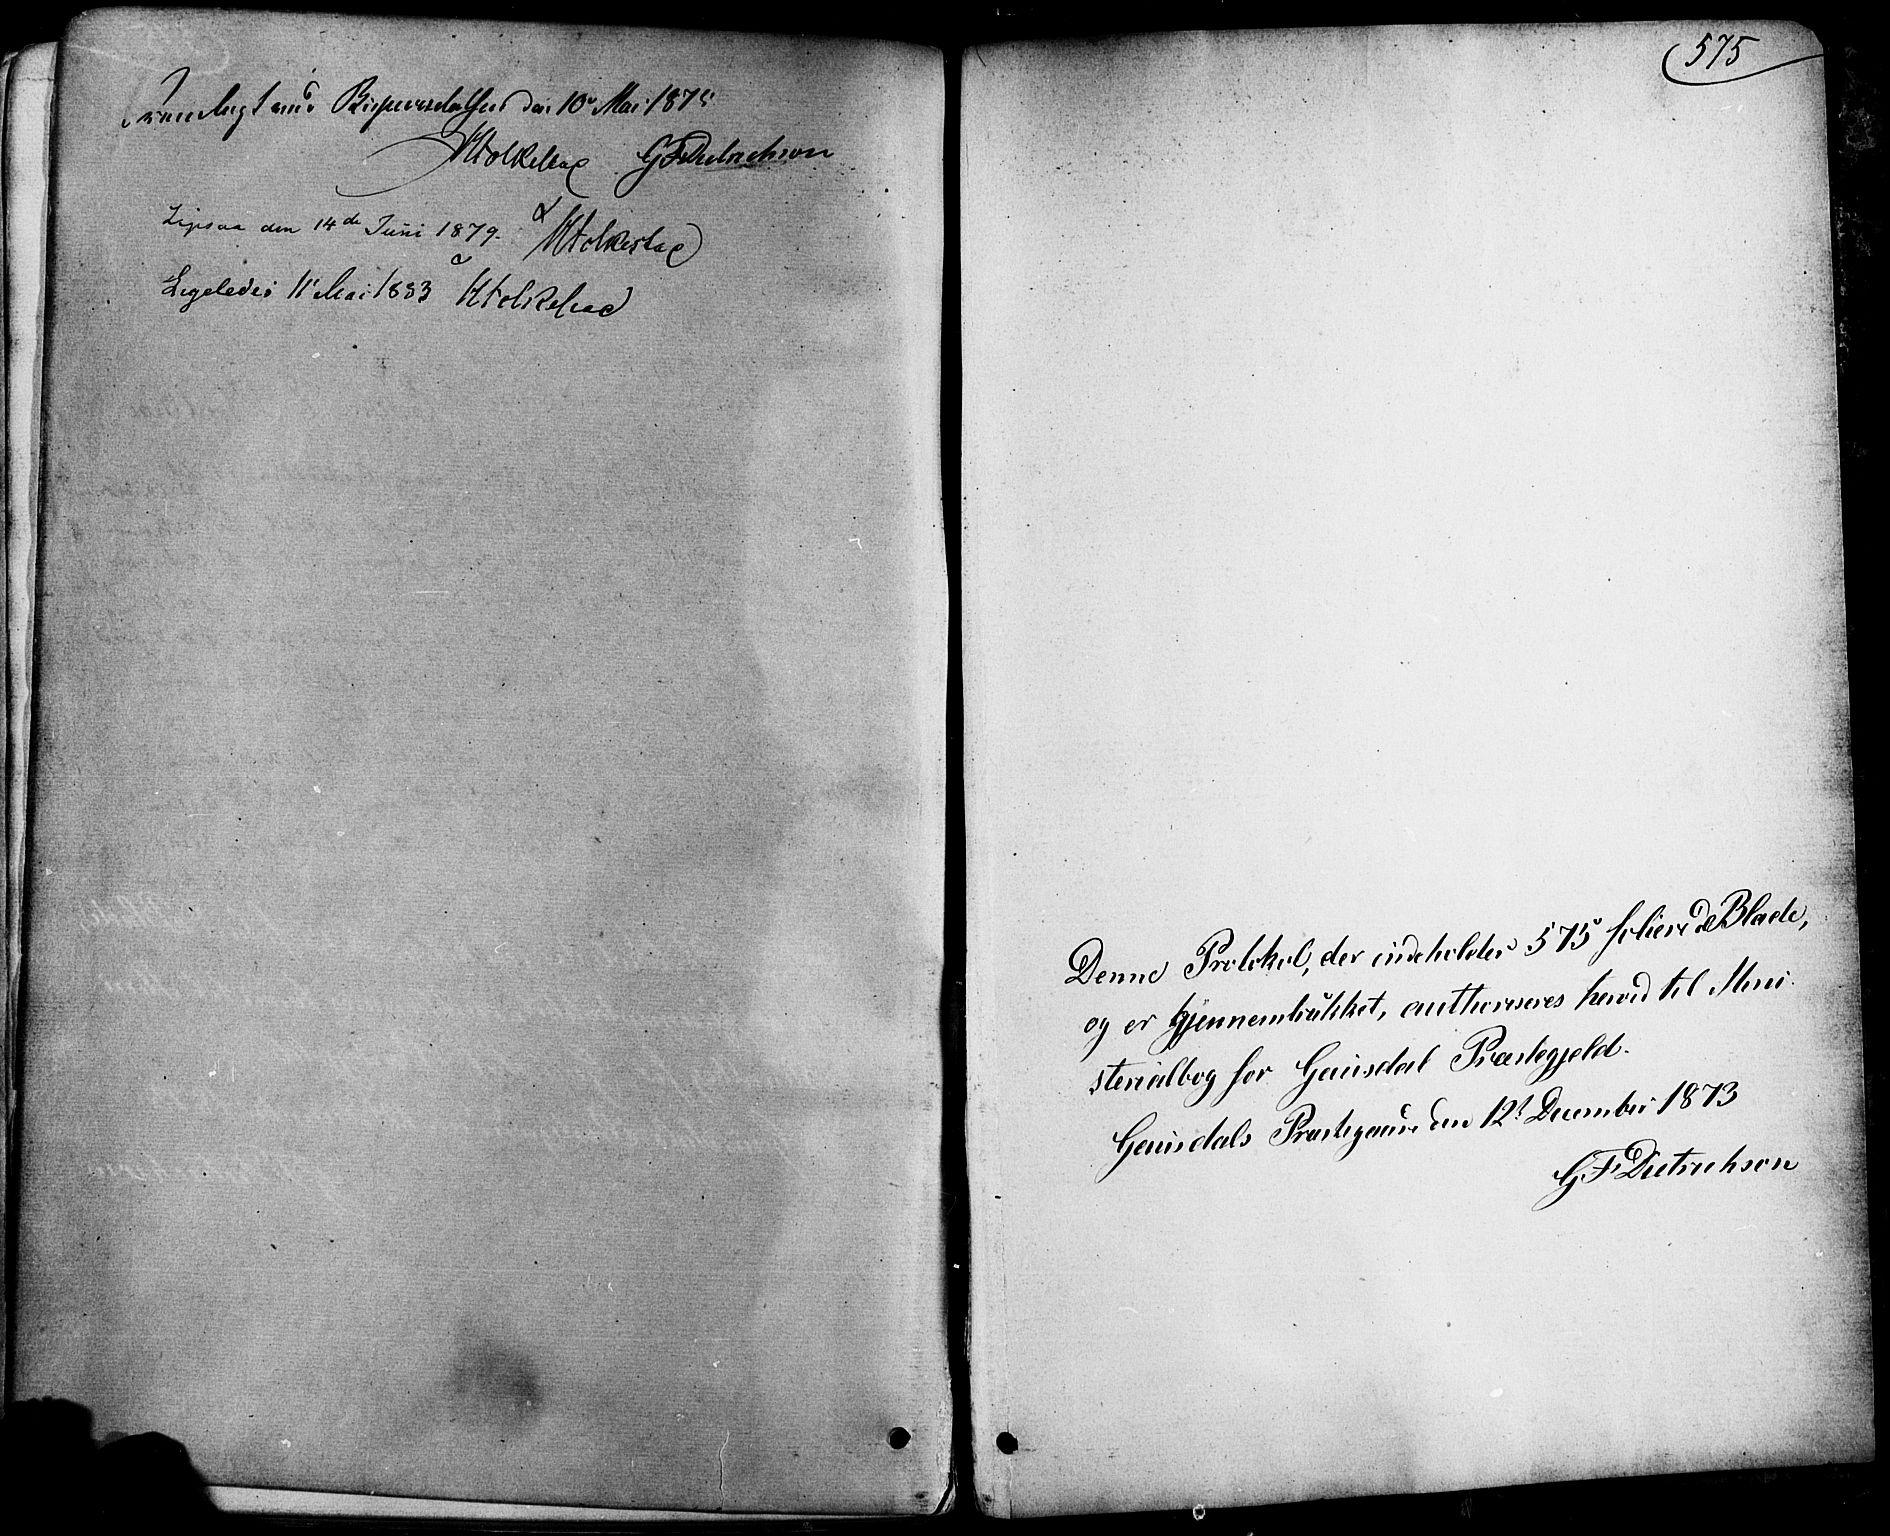 SAH, Østre Gausdal prestekontor, Parish register (official) no. 1, 1874-1886, p. 575